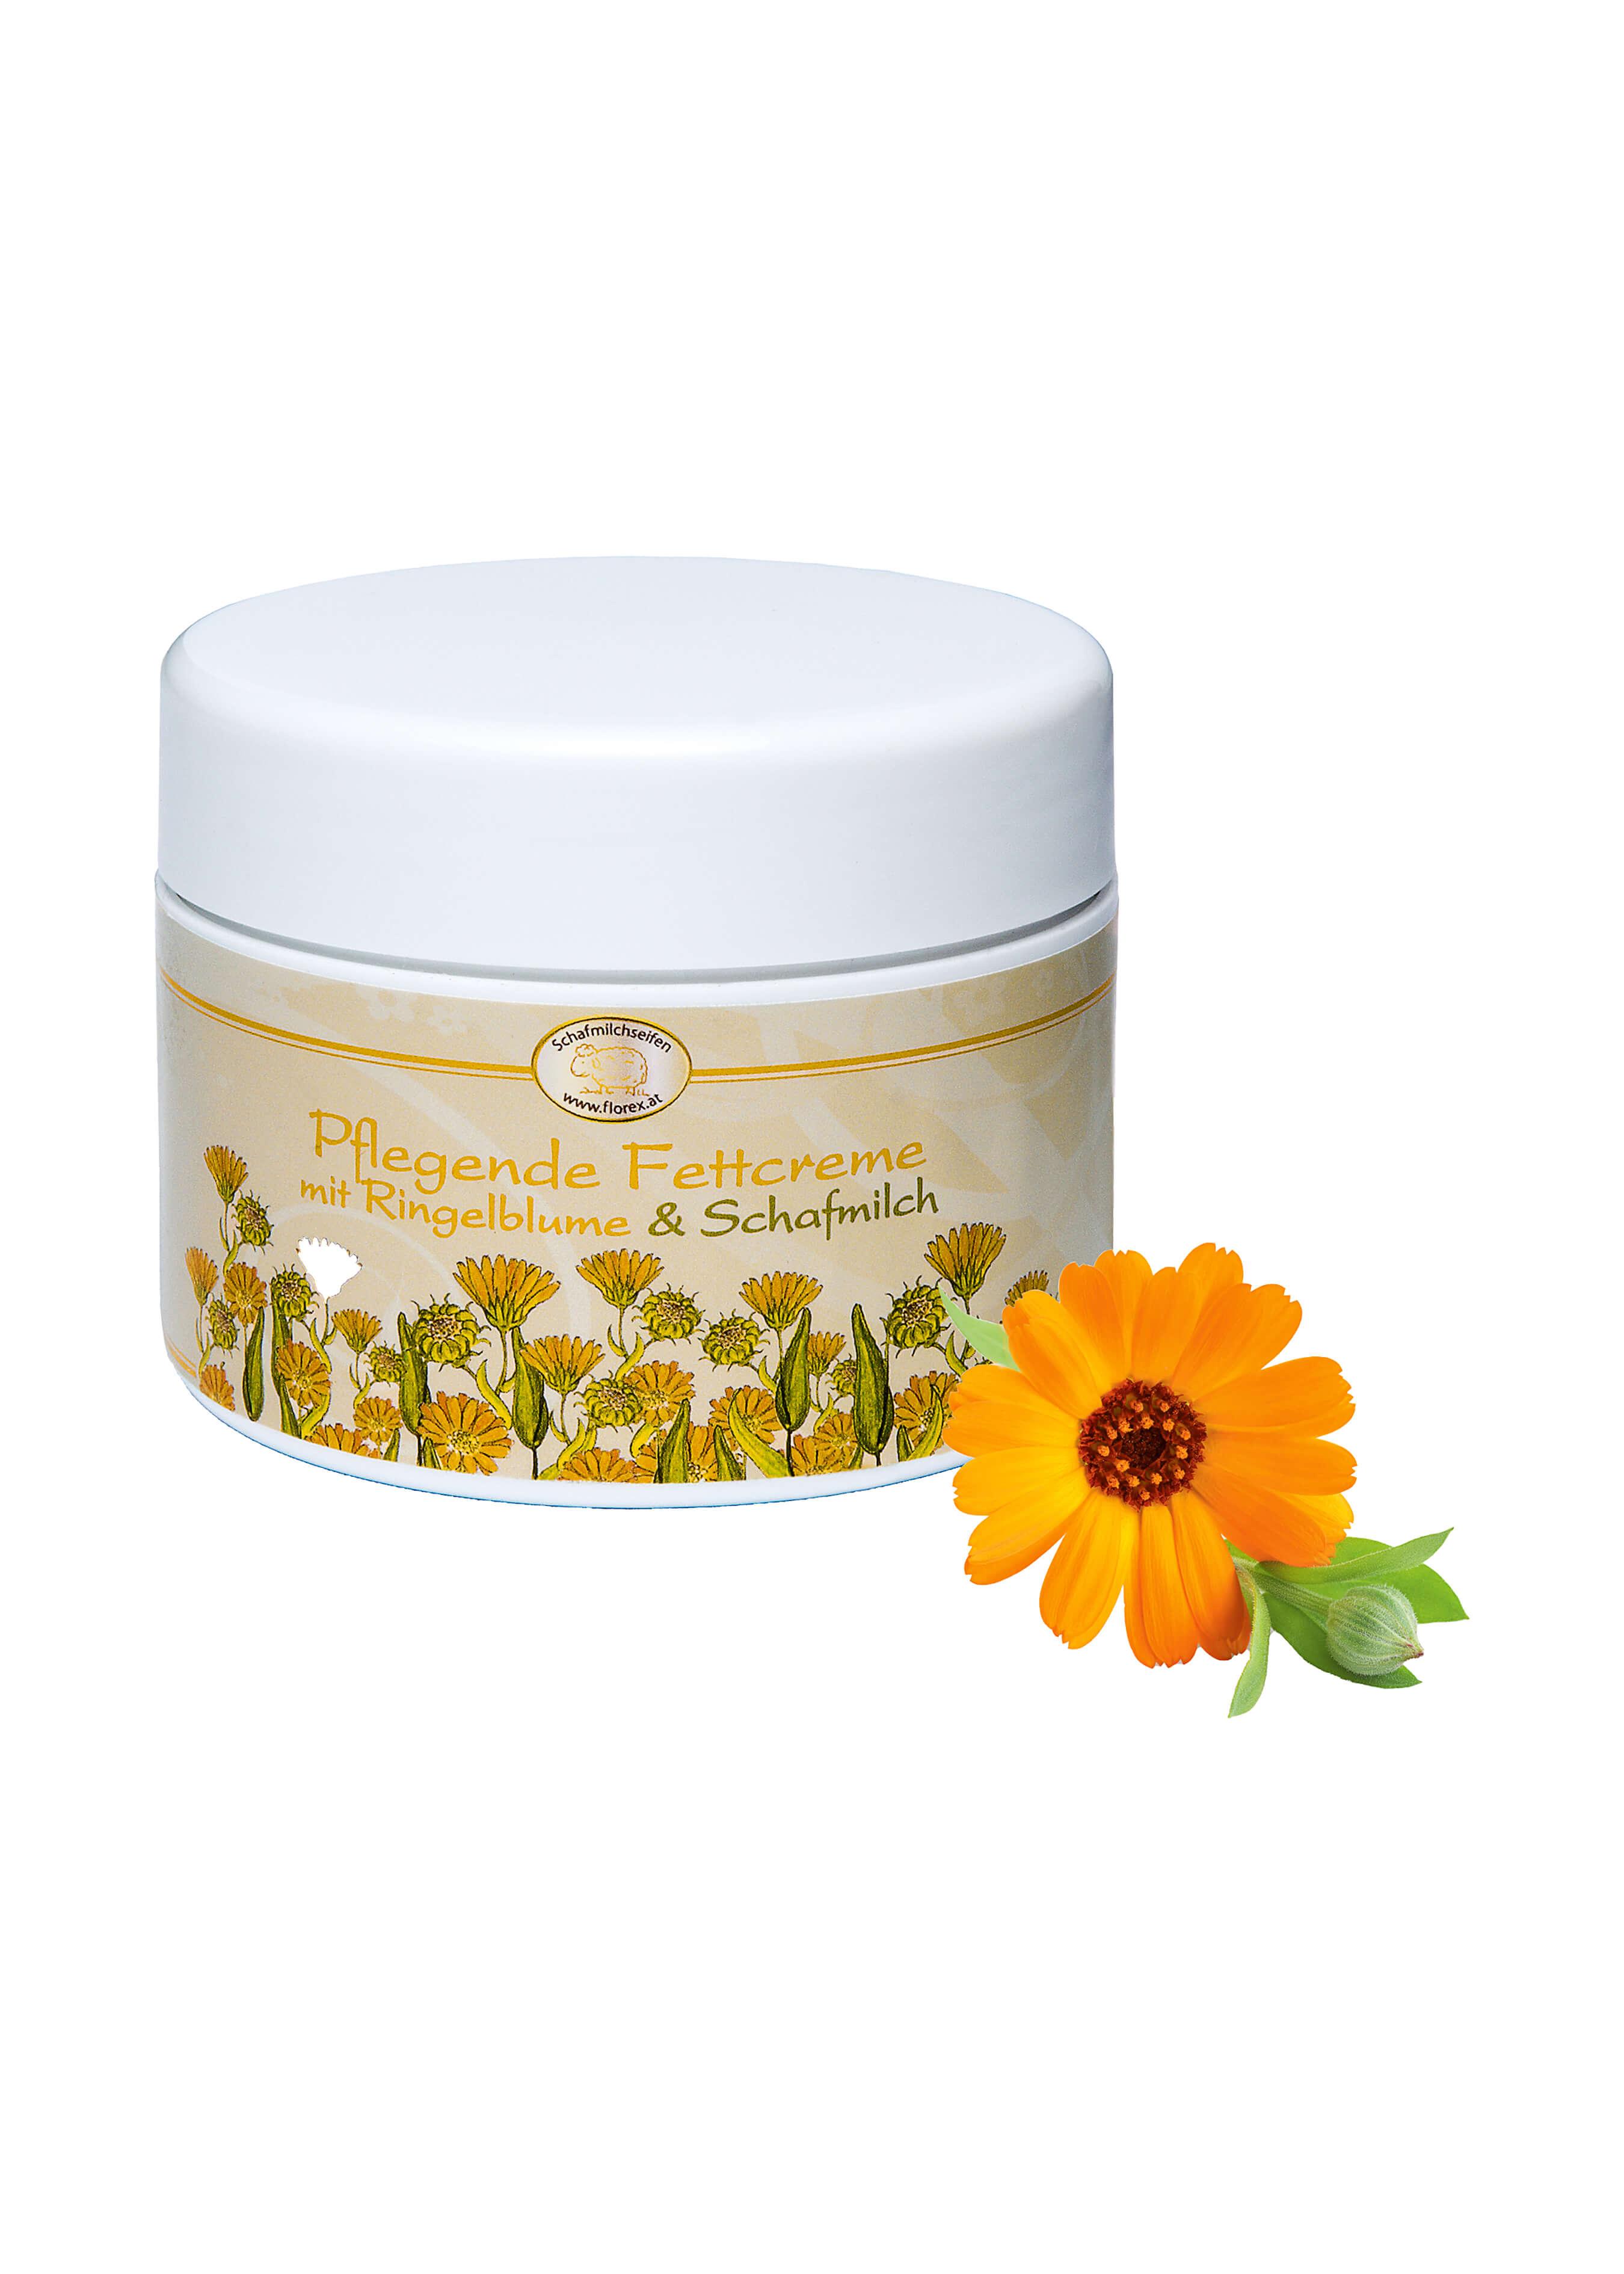 Fettcrème Ringelblume mit Schafmilch L19400 2